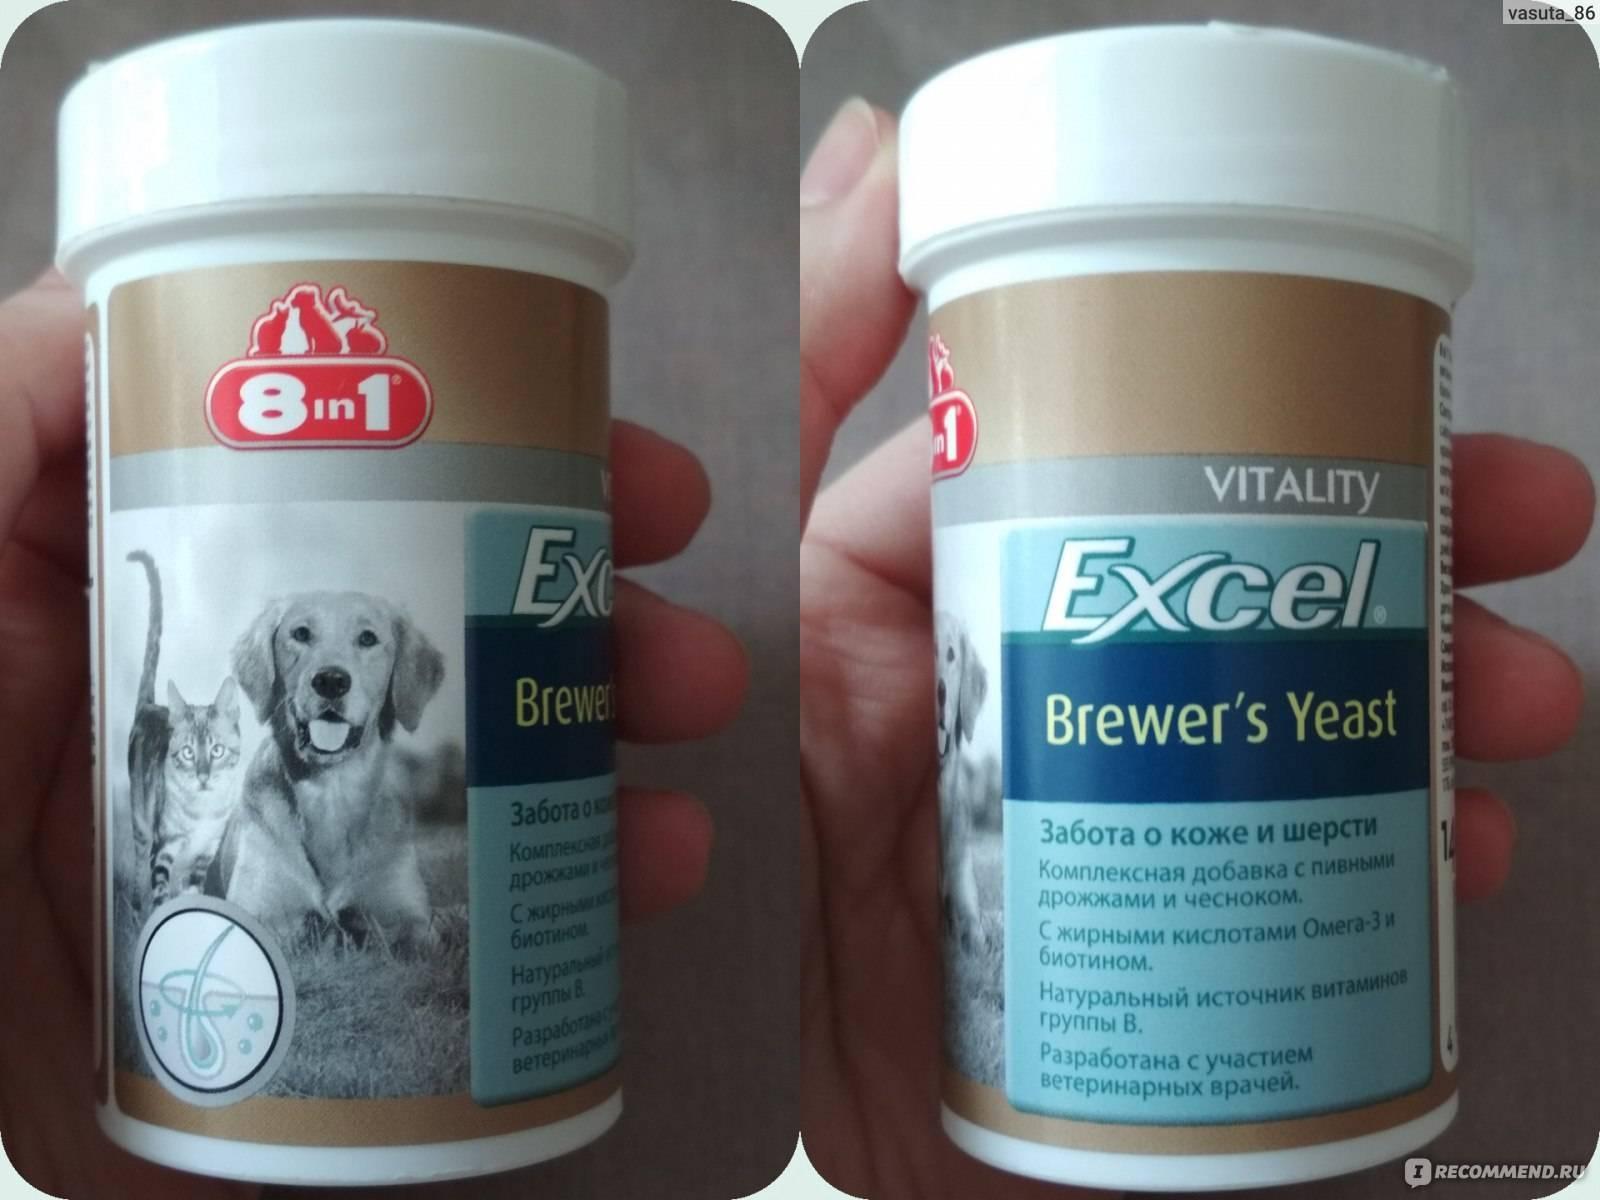 Витамины для британских кошек 8 в 1